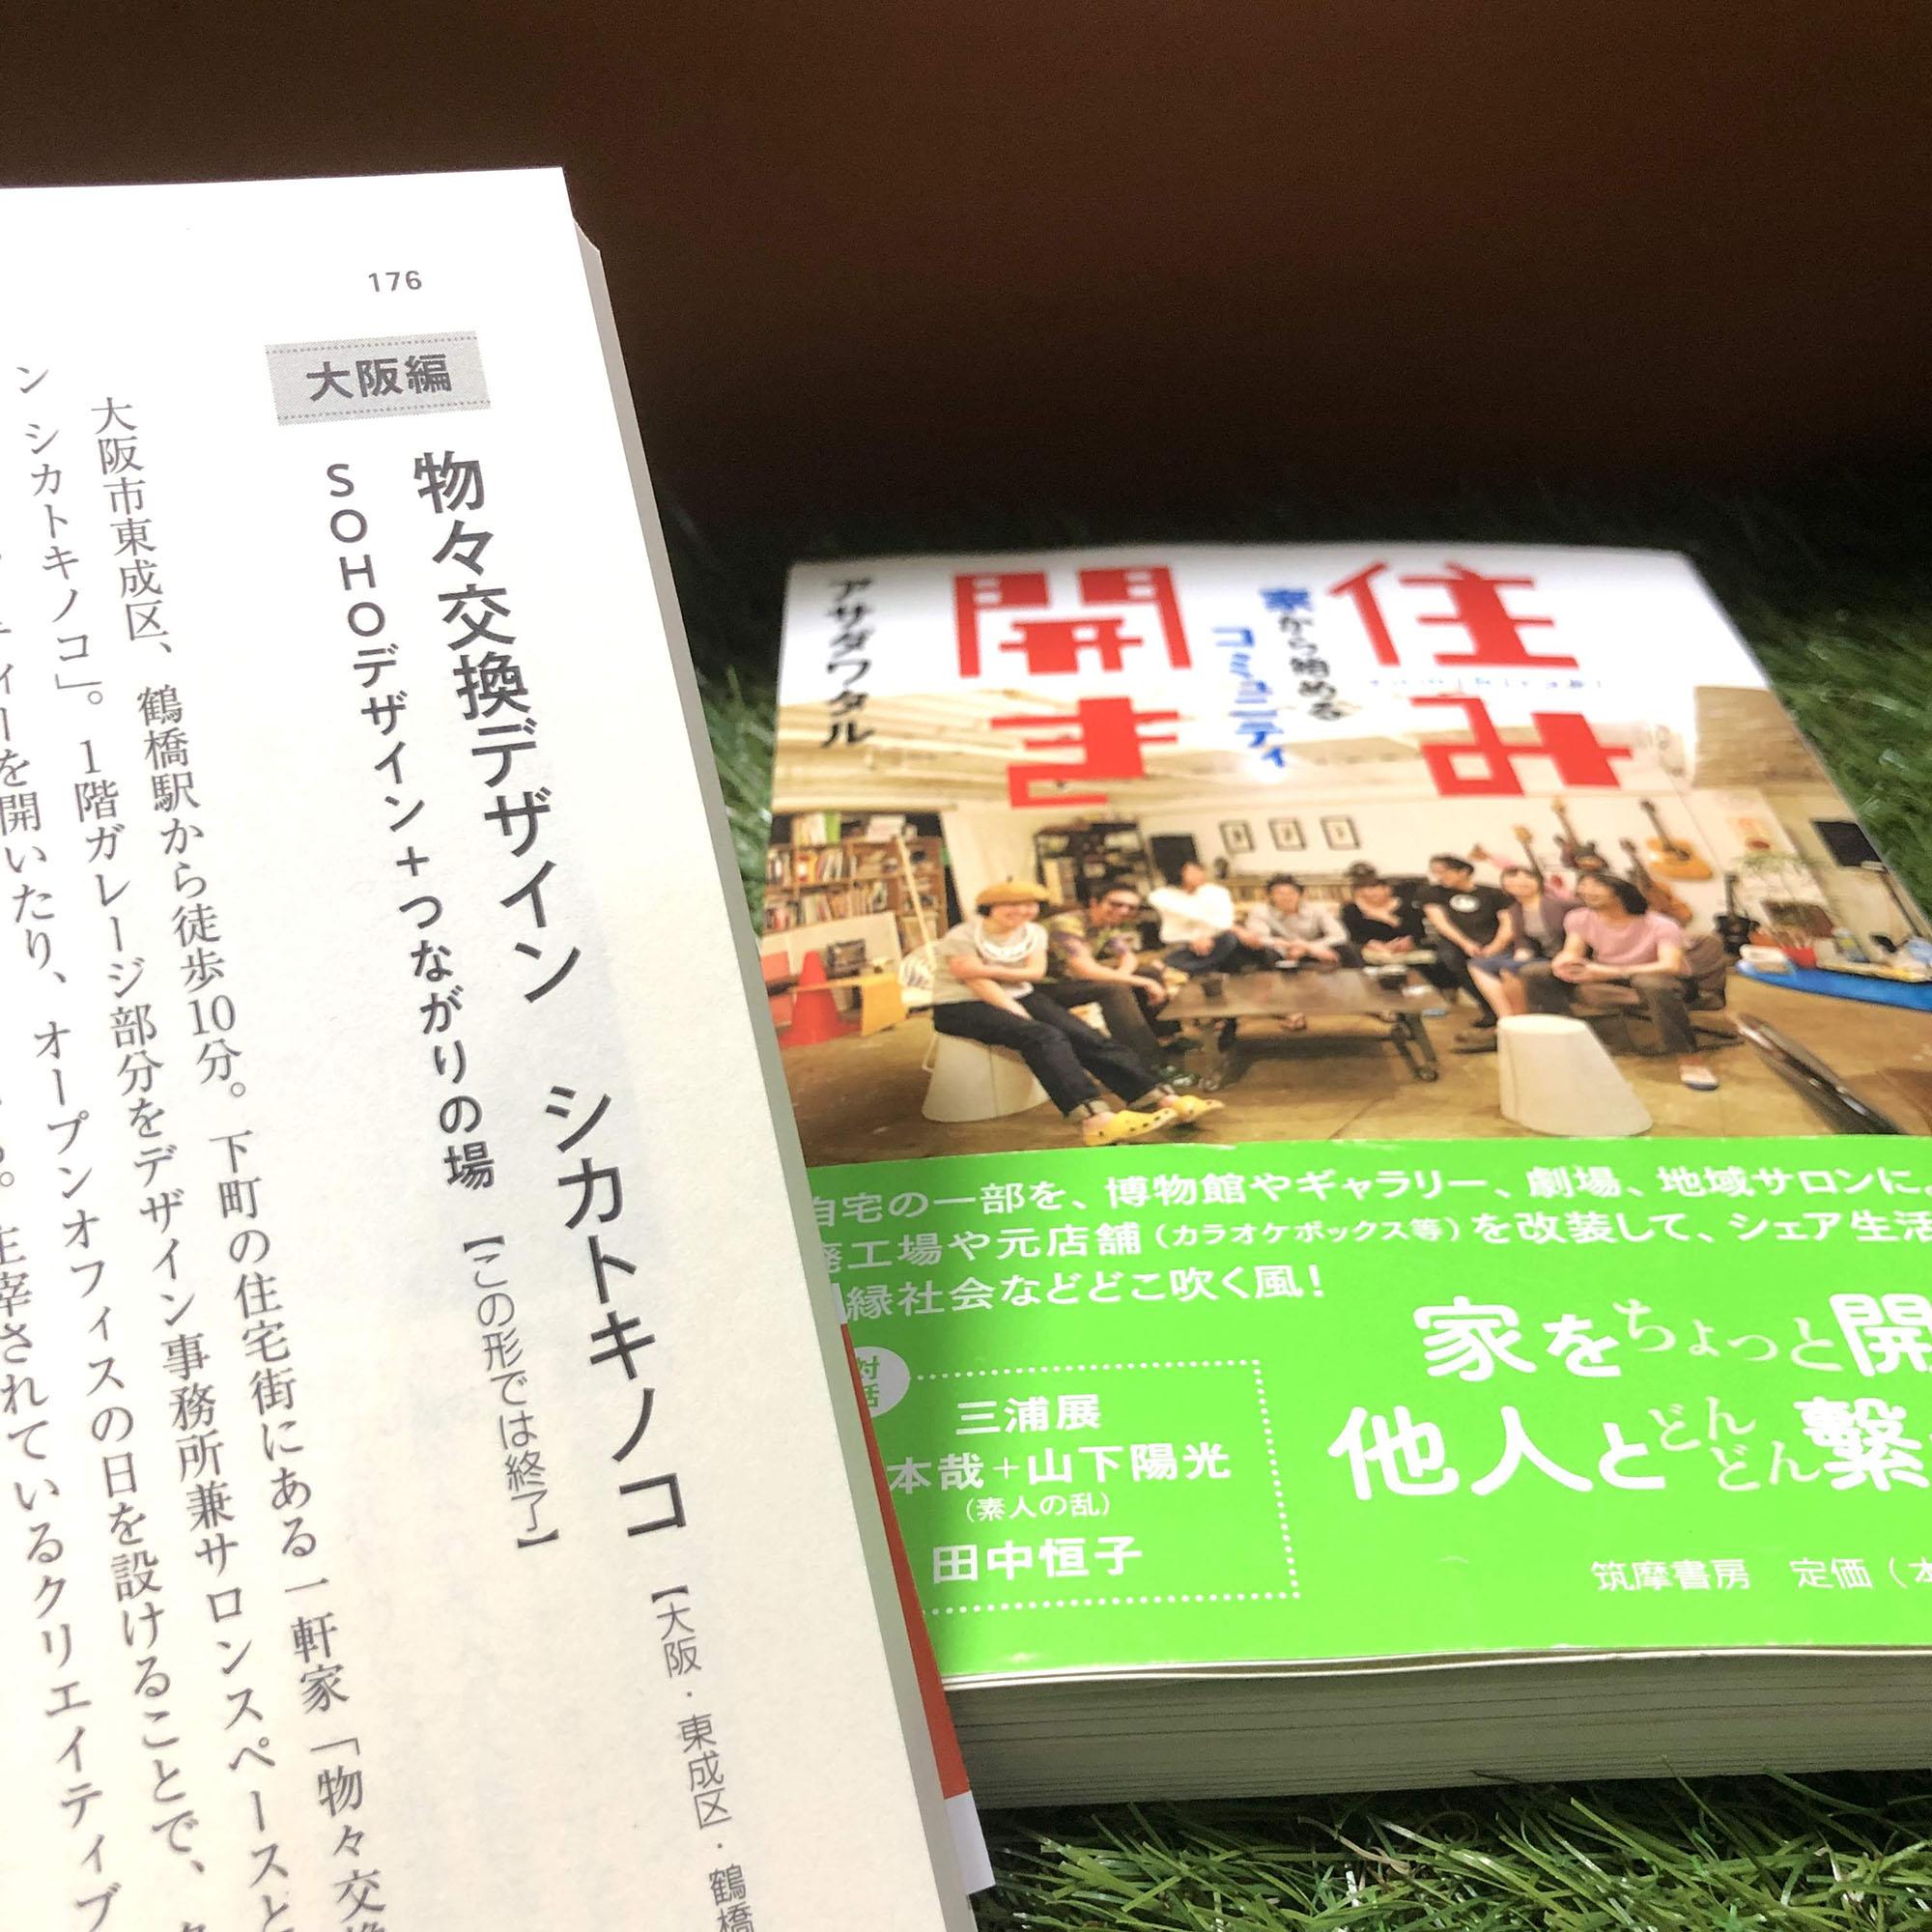 住み開き|2020.3.10発行 アサダワタル著(ちくま文庫)